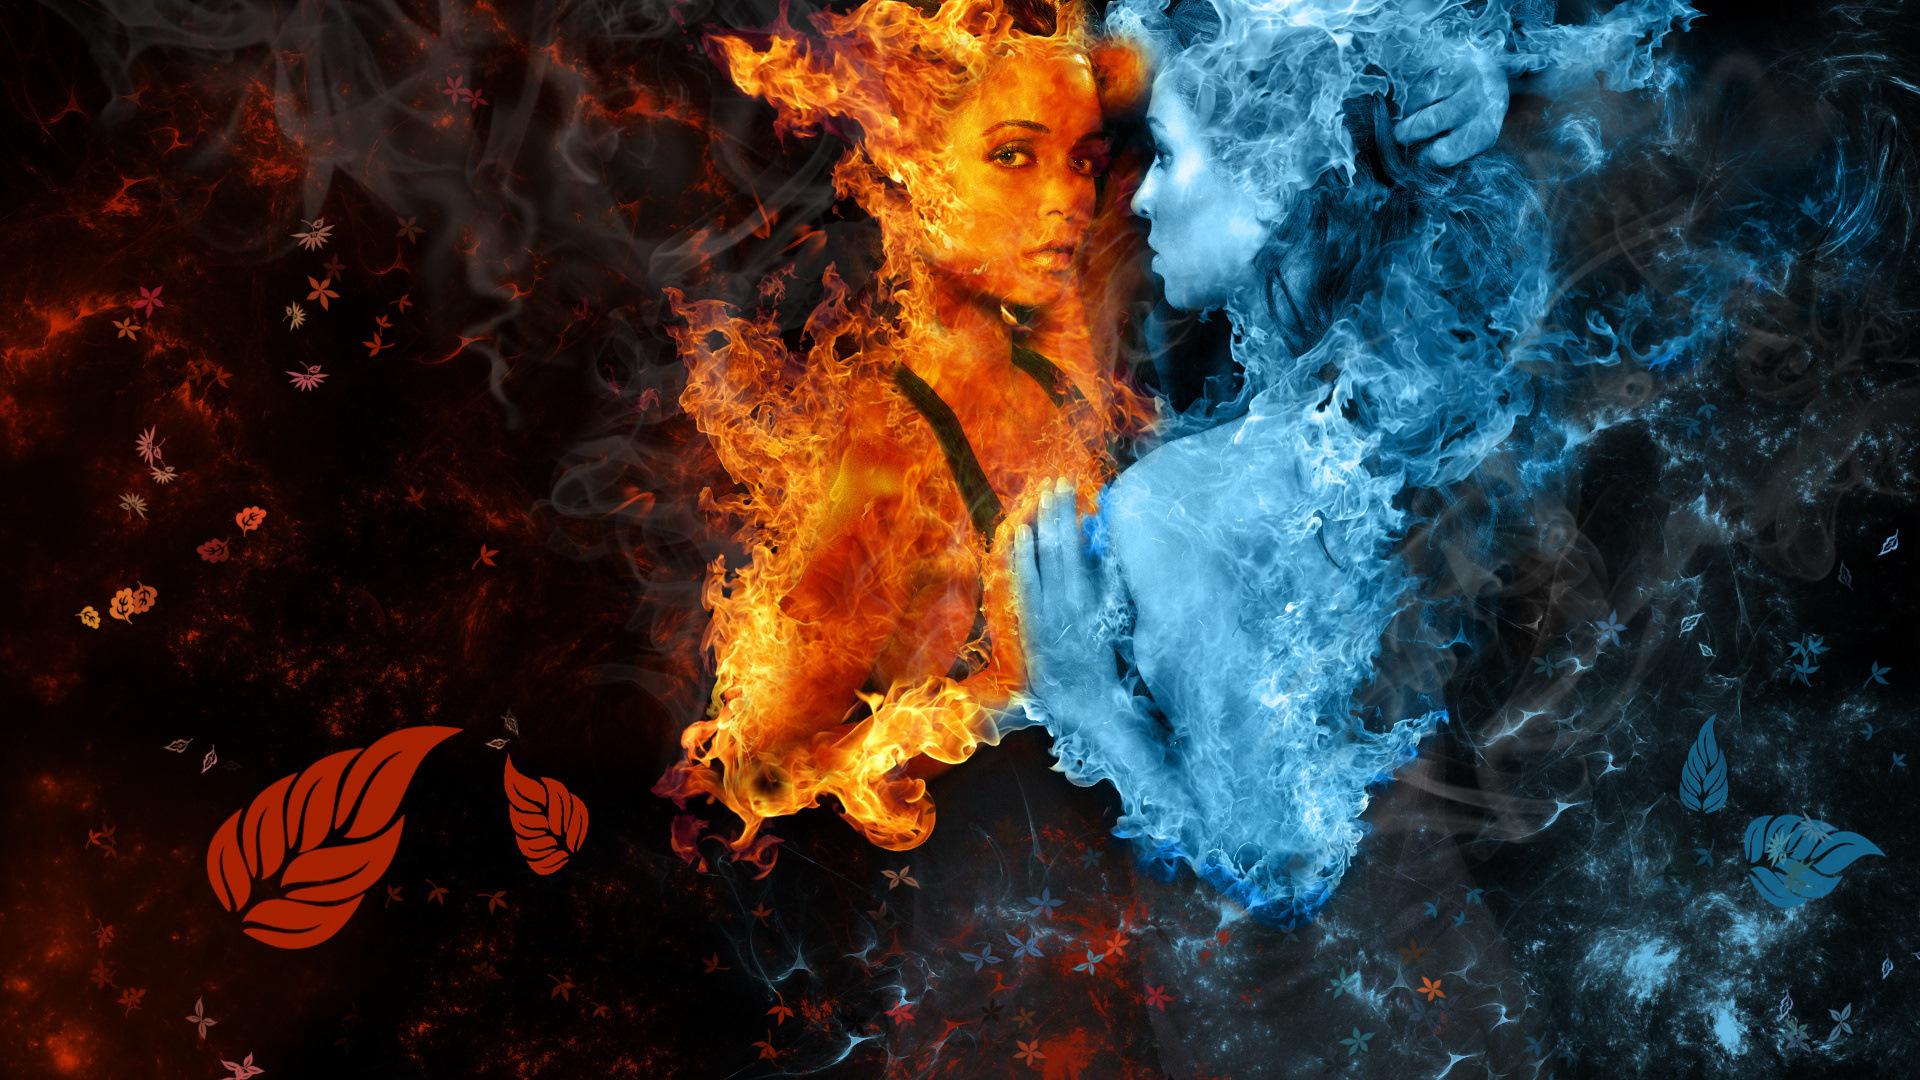 технология красивые картинки лед и огонь и вода сушилку